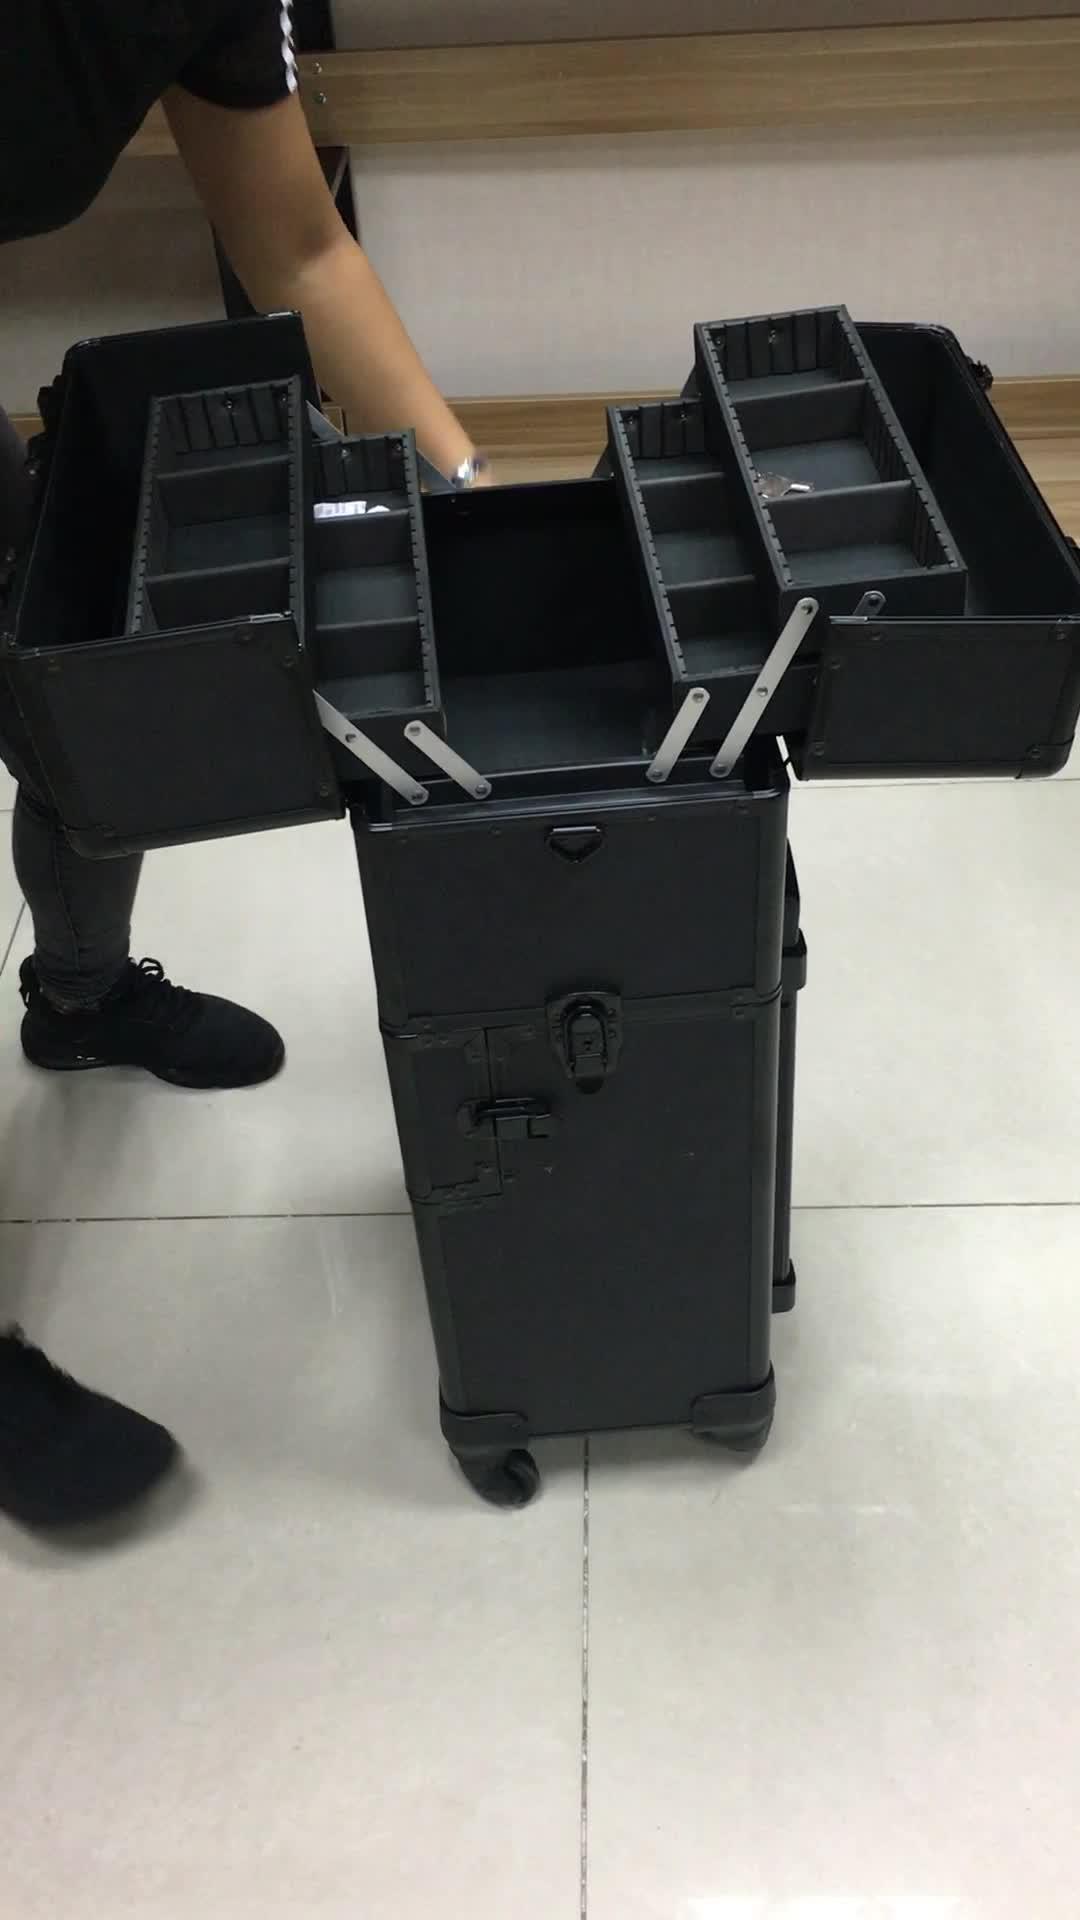 전문 핑크 알루미늄 미용 메이크업 트롤리 아름다움 상자 세면대 케이스